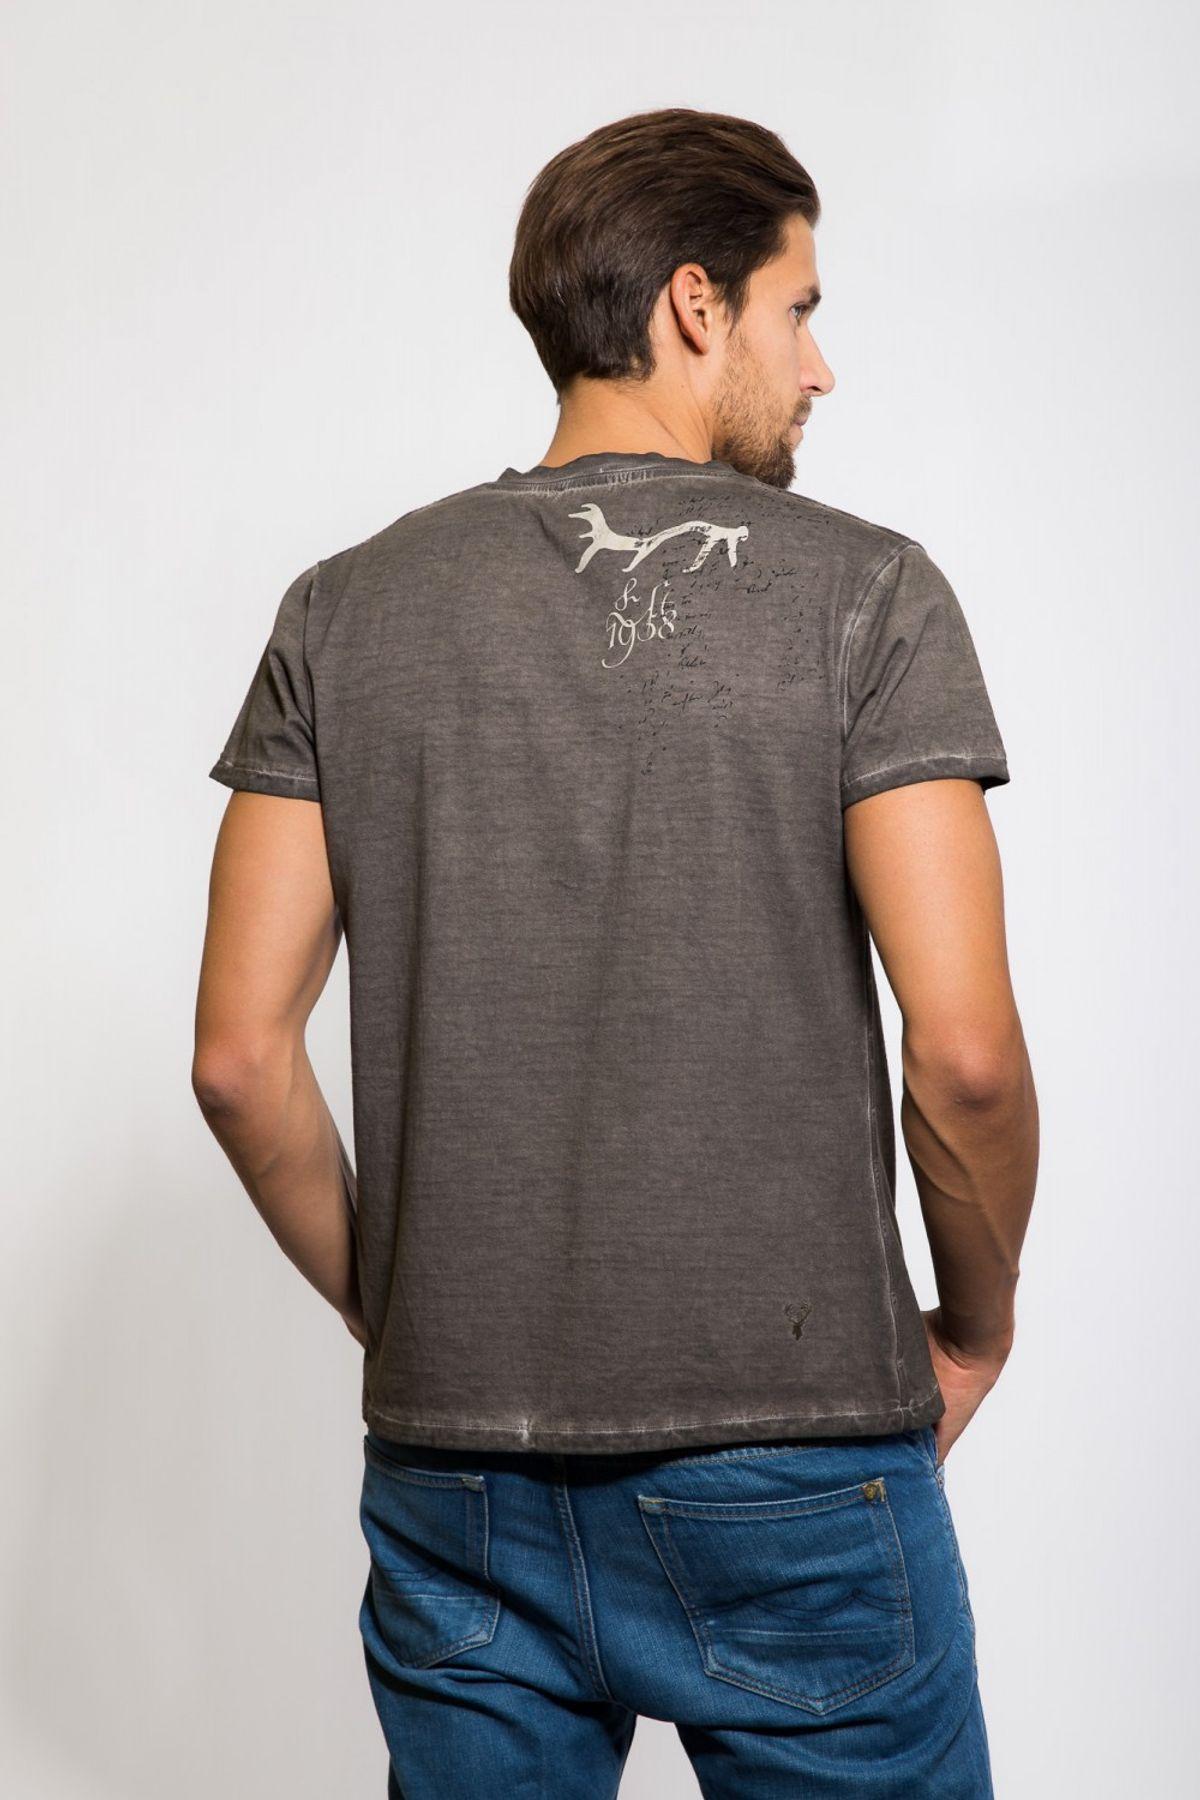 Krüger - Herren Trachten T-Shirt, mit Hirsch- und Wappenprint aus 100% Baumwolle in Braun, Hirschsprung (Artikelnummer: 93210-7) – Bild 2